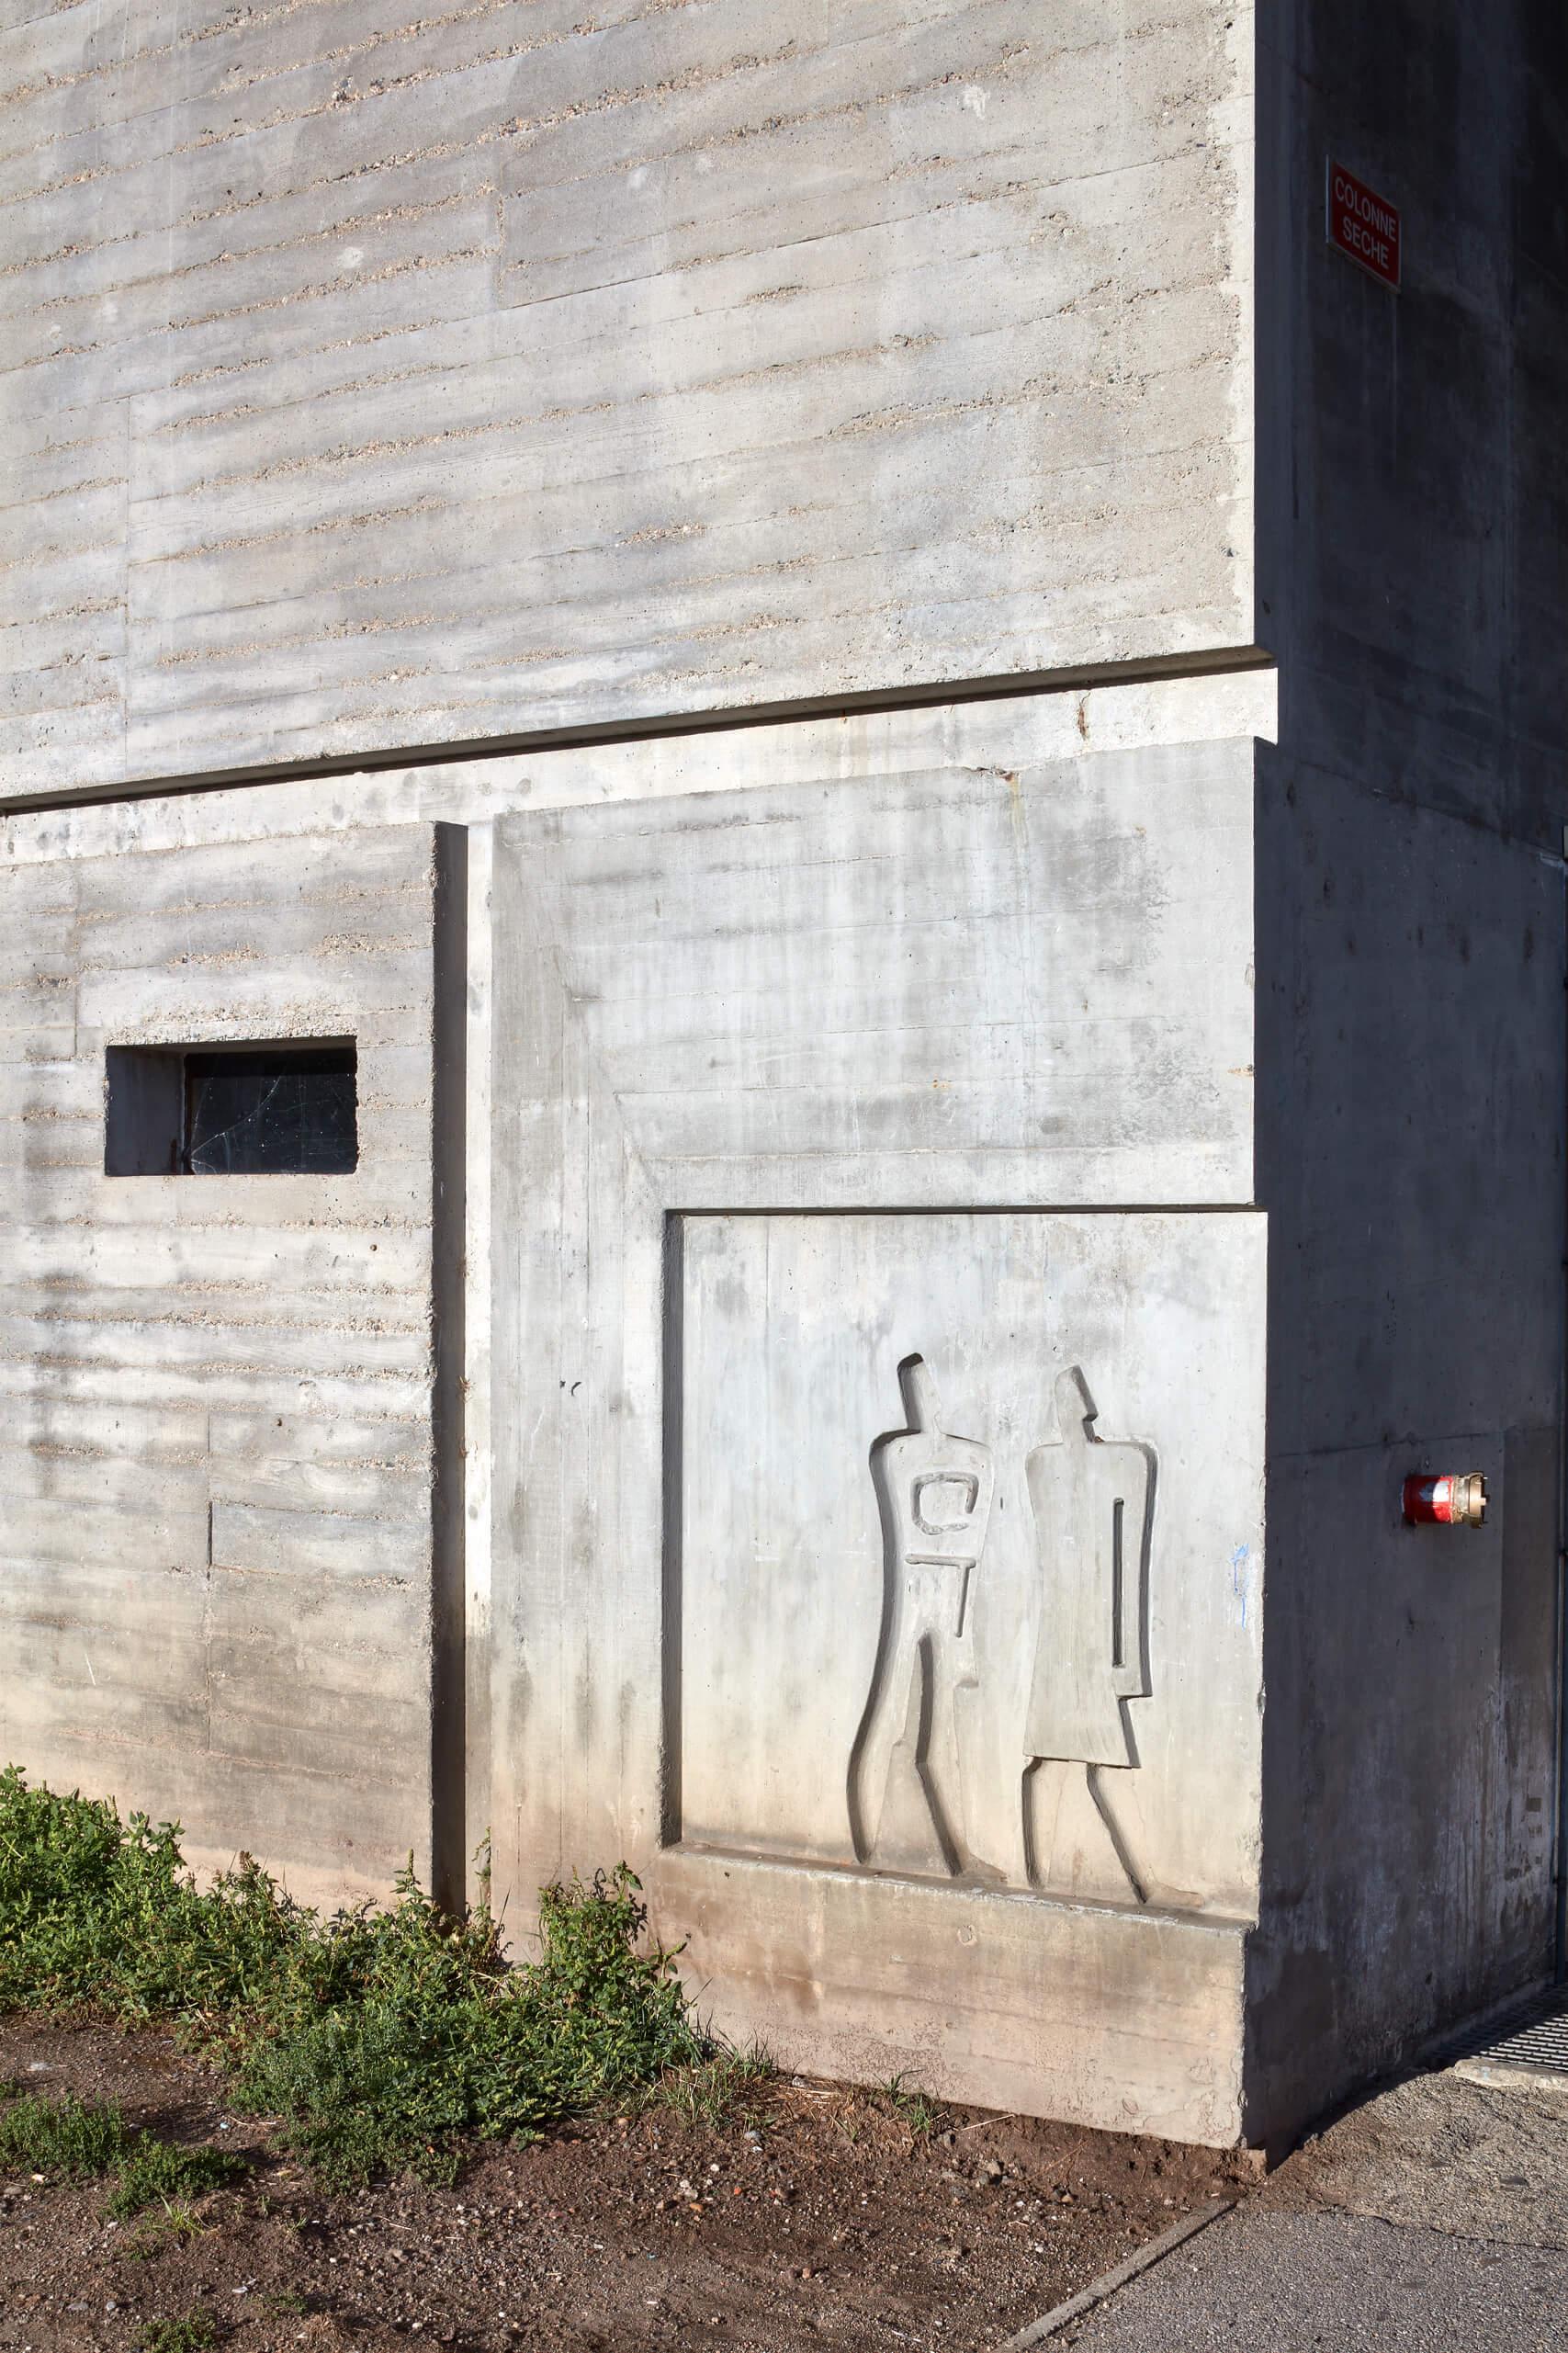 Federico_Covre_Unité_Firminy_Le_Corbusier_2018_21